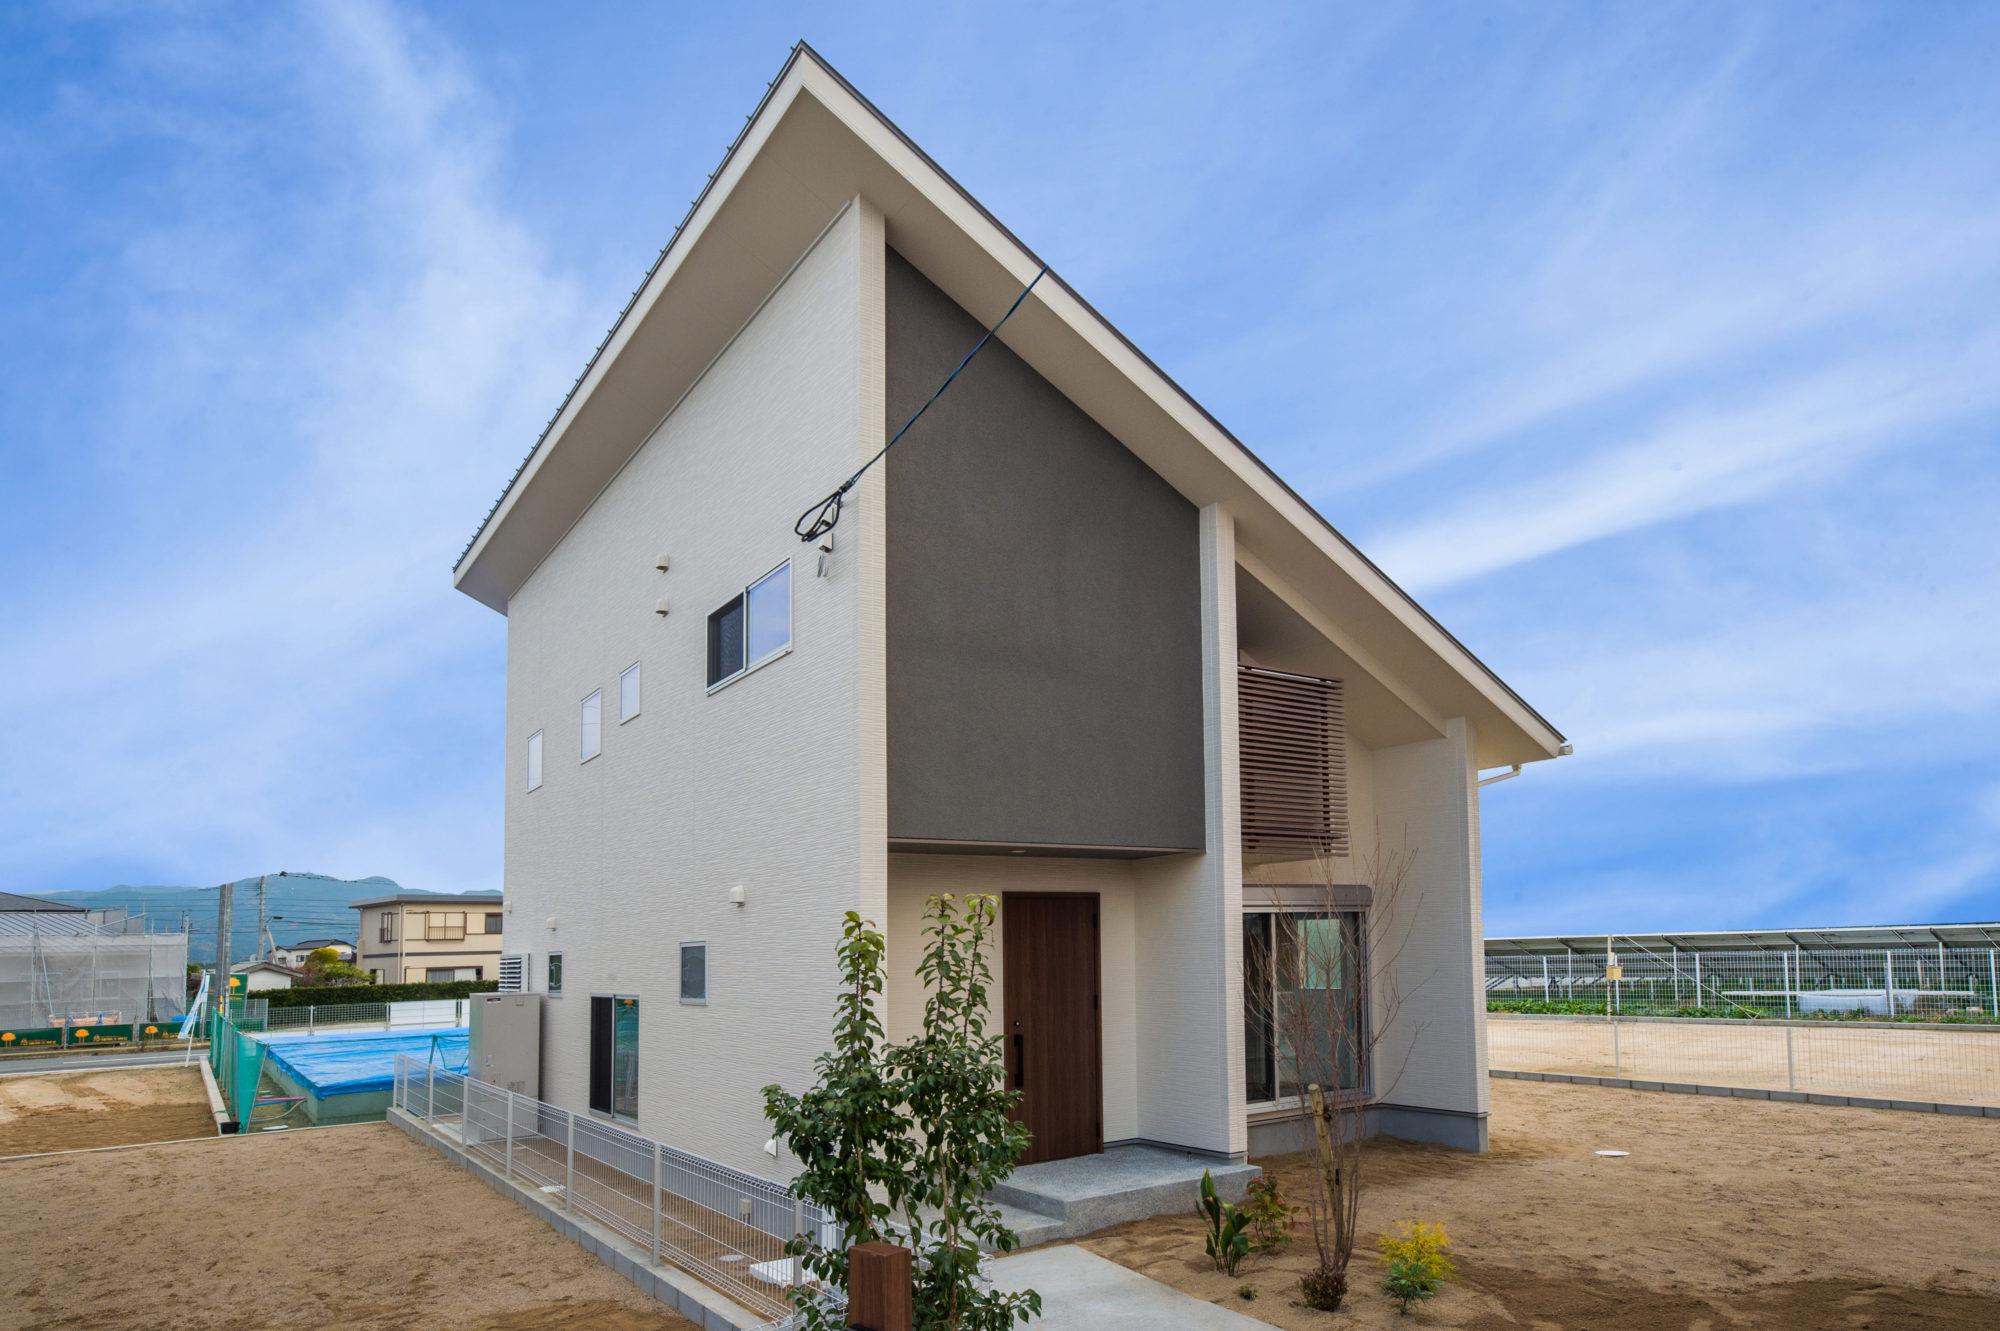 【下高場】朝倉郡筑前町 NO.6 CONCEPT HOUSE